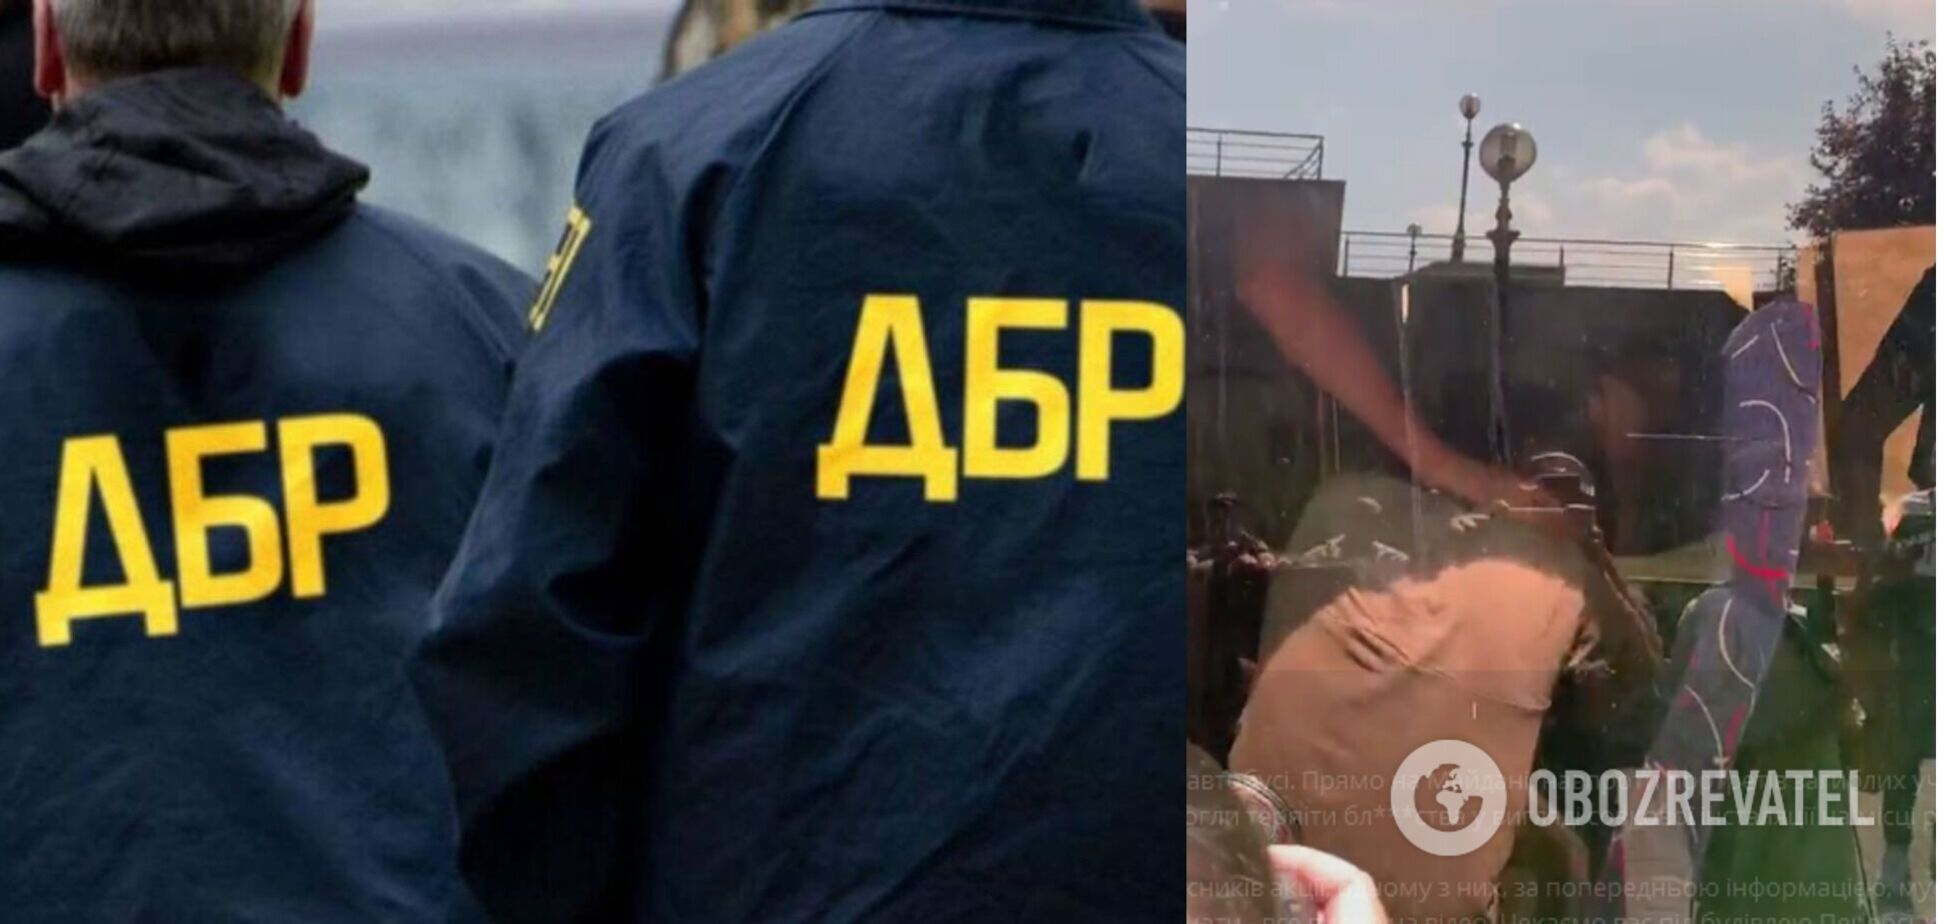 ГБР расследует избиение активиста правоохранителем во время задержания на Аллее Небесной Сотни